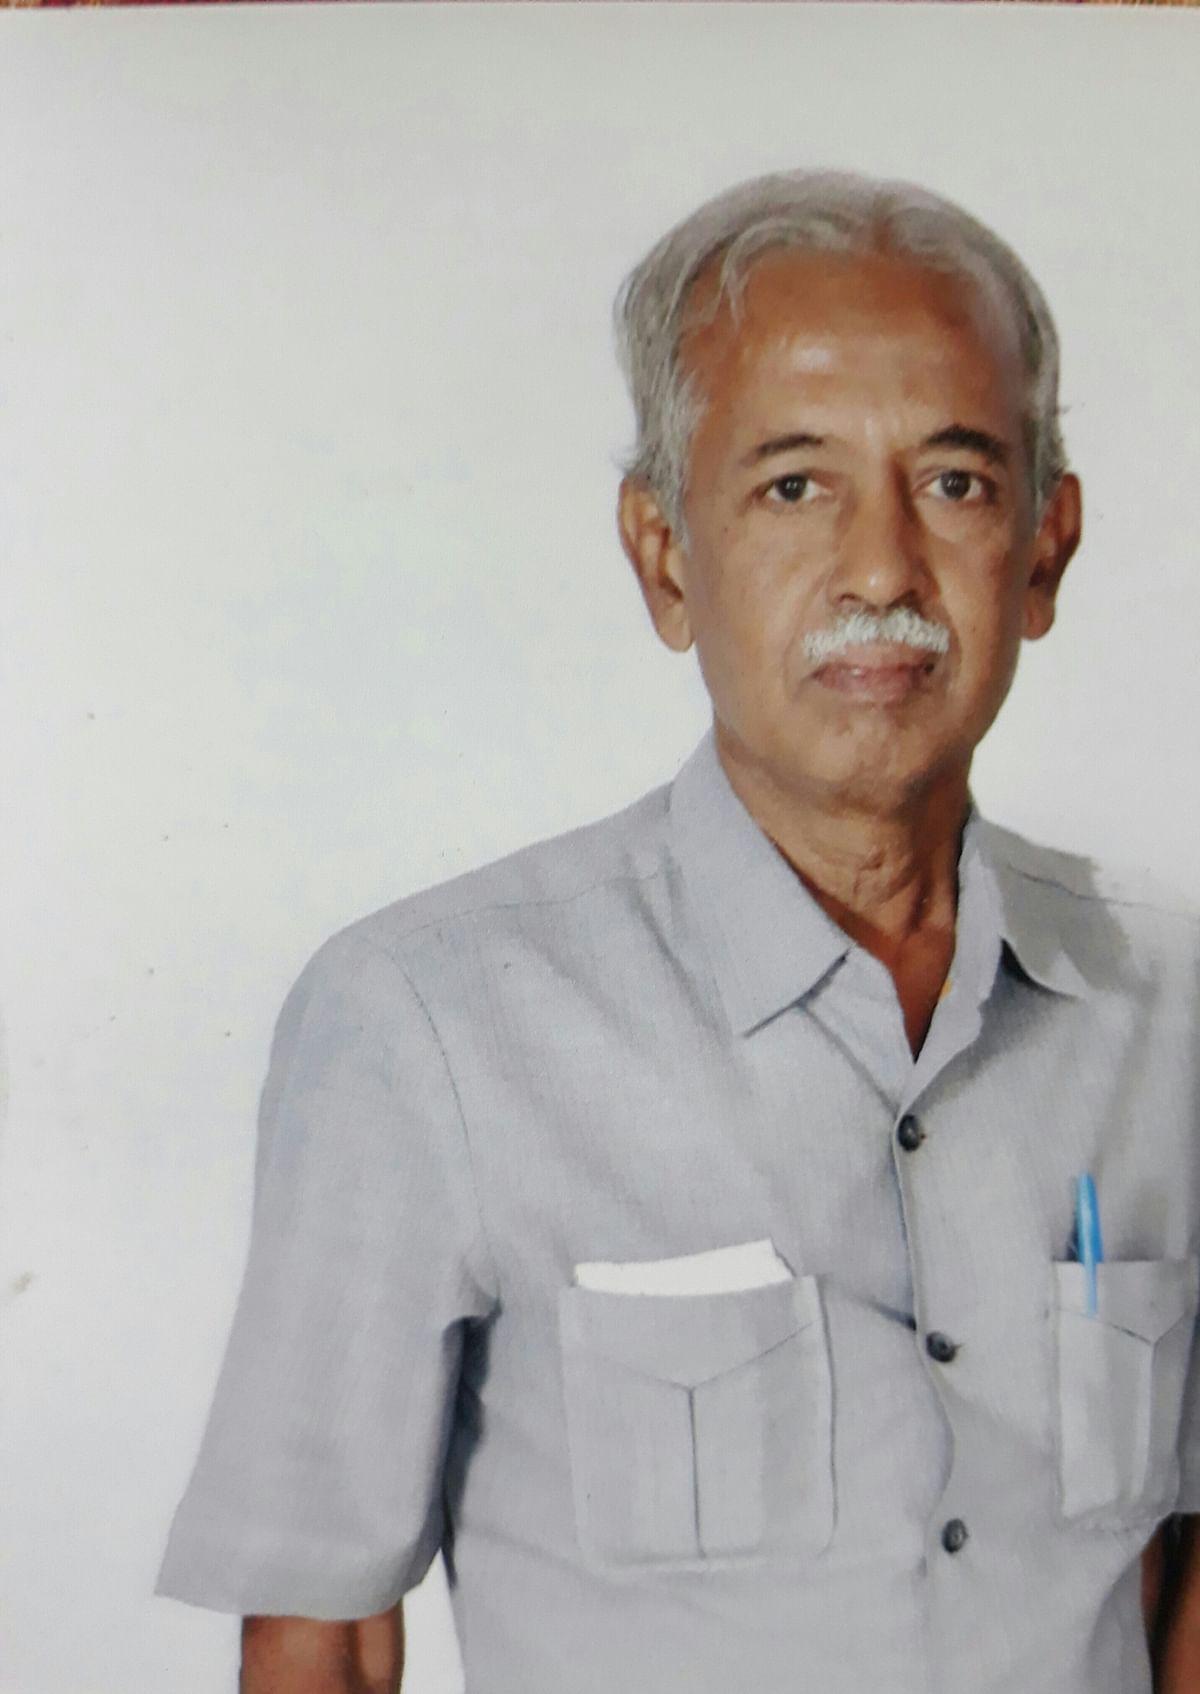 ஆடிட்டர் சொ.பாஸ்கரன்